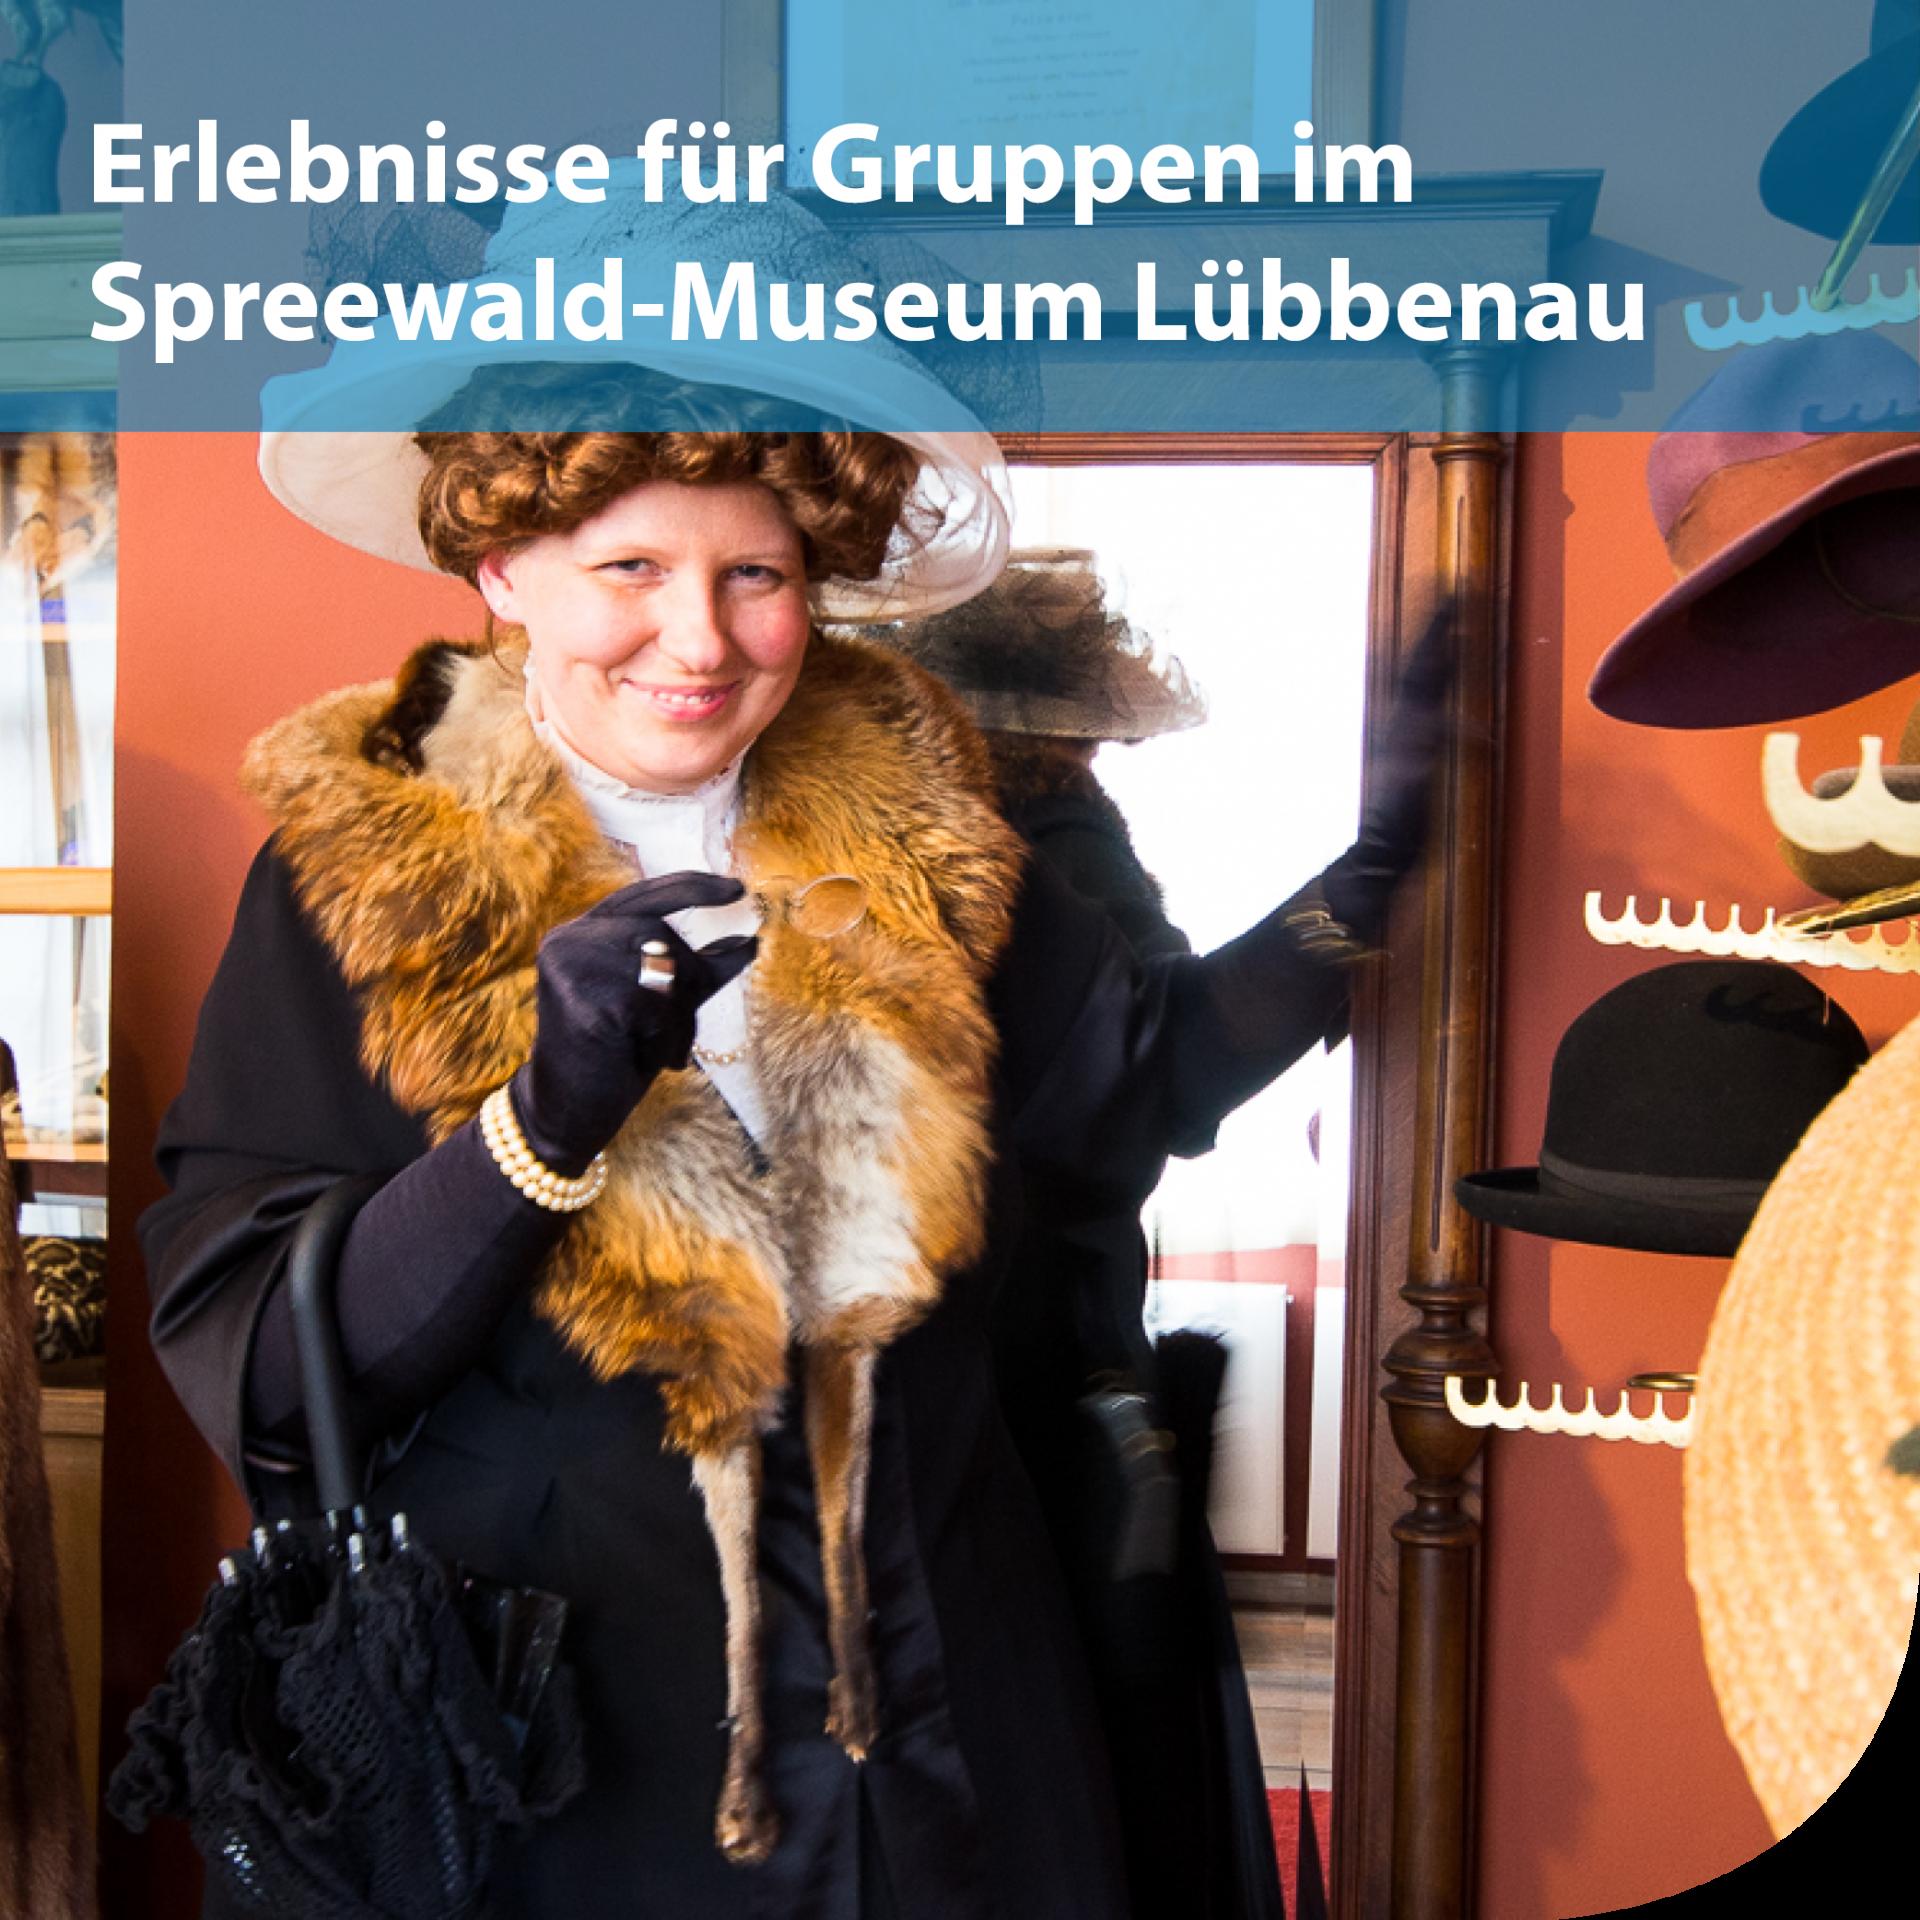 Erlebnisse für Reisegruppen im Spreewald-Museum Lübbenau